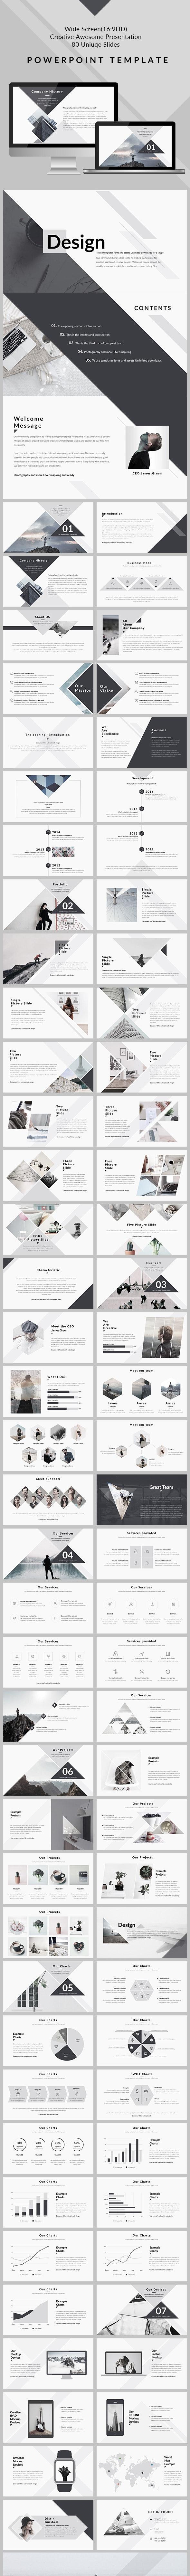 Design - Clean & Creative PowerPoint Presentation - Creative PowerPoint Templates